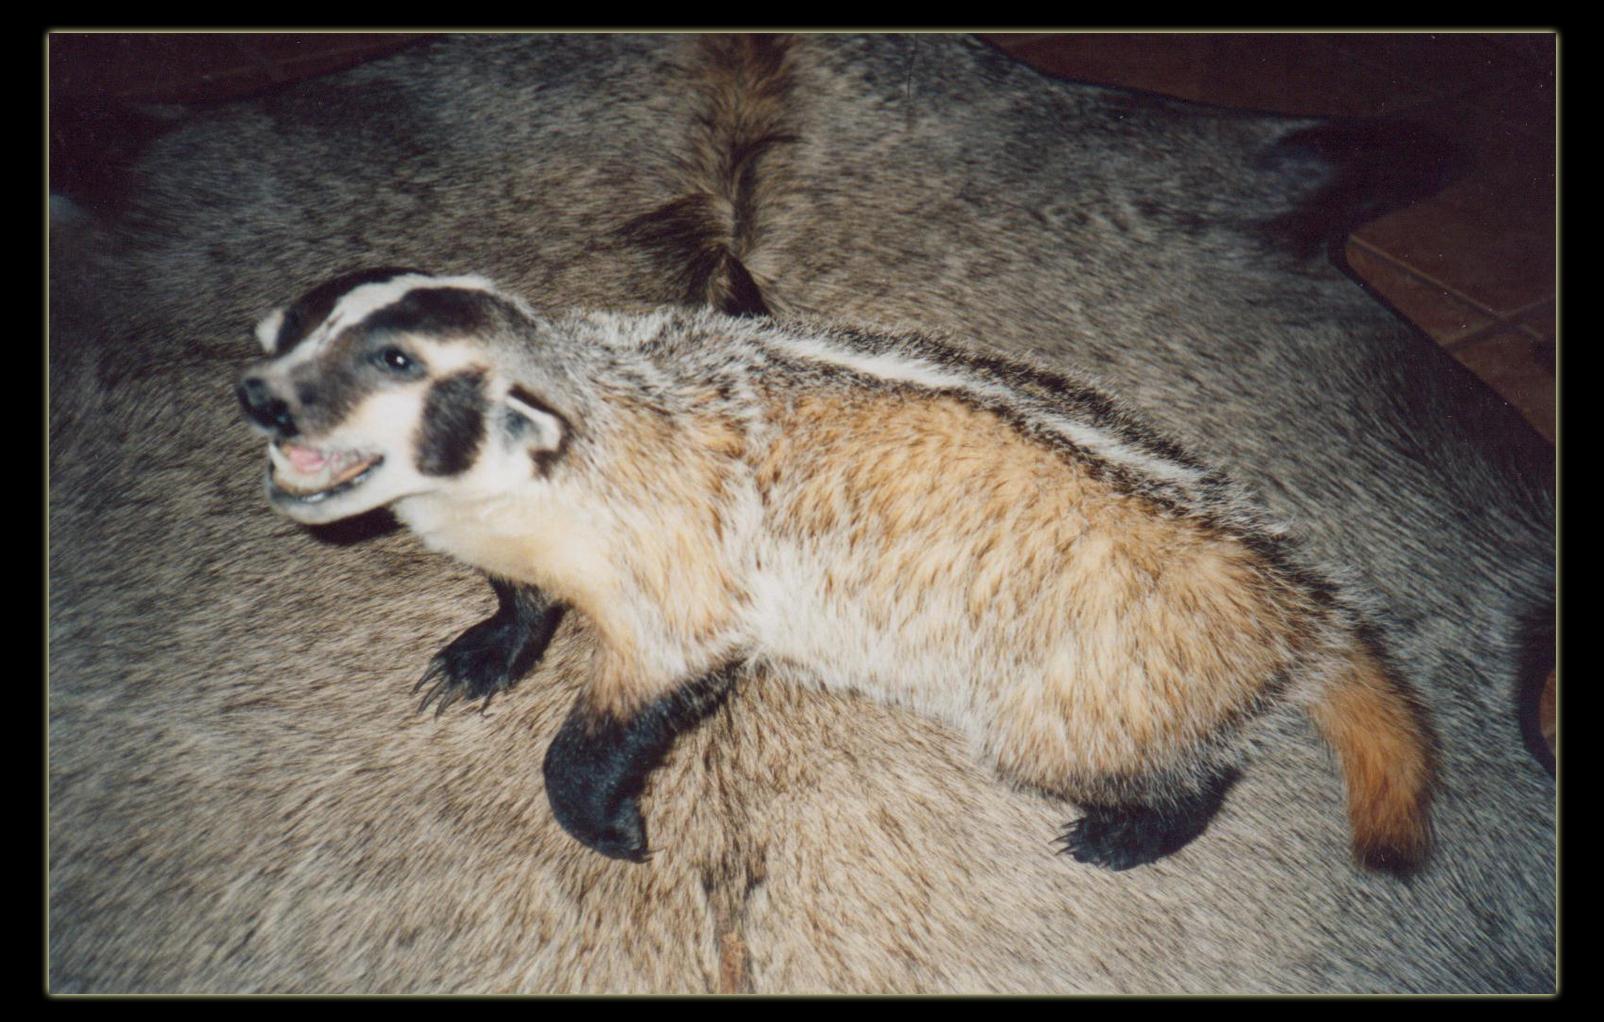 badger on rug